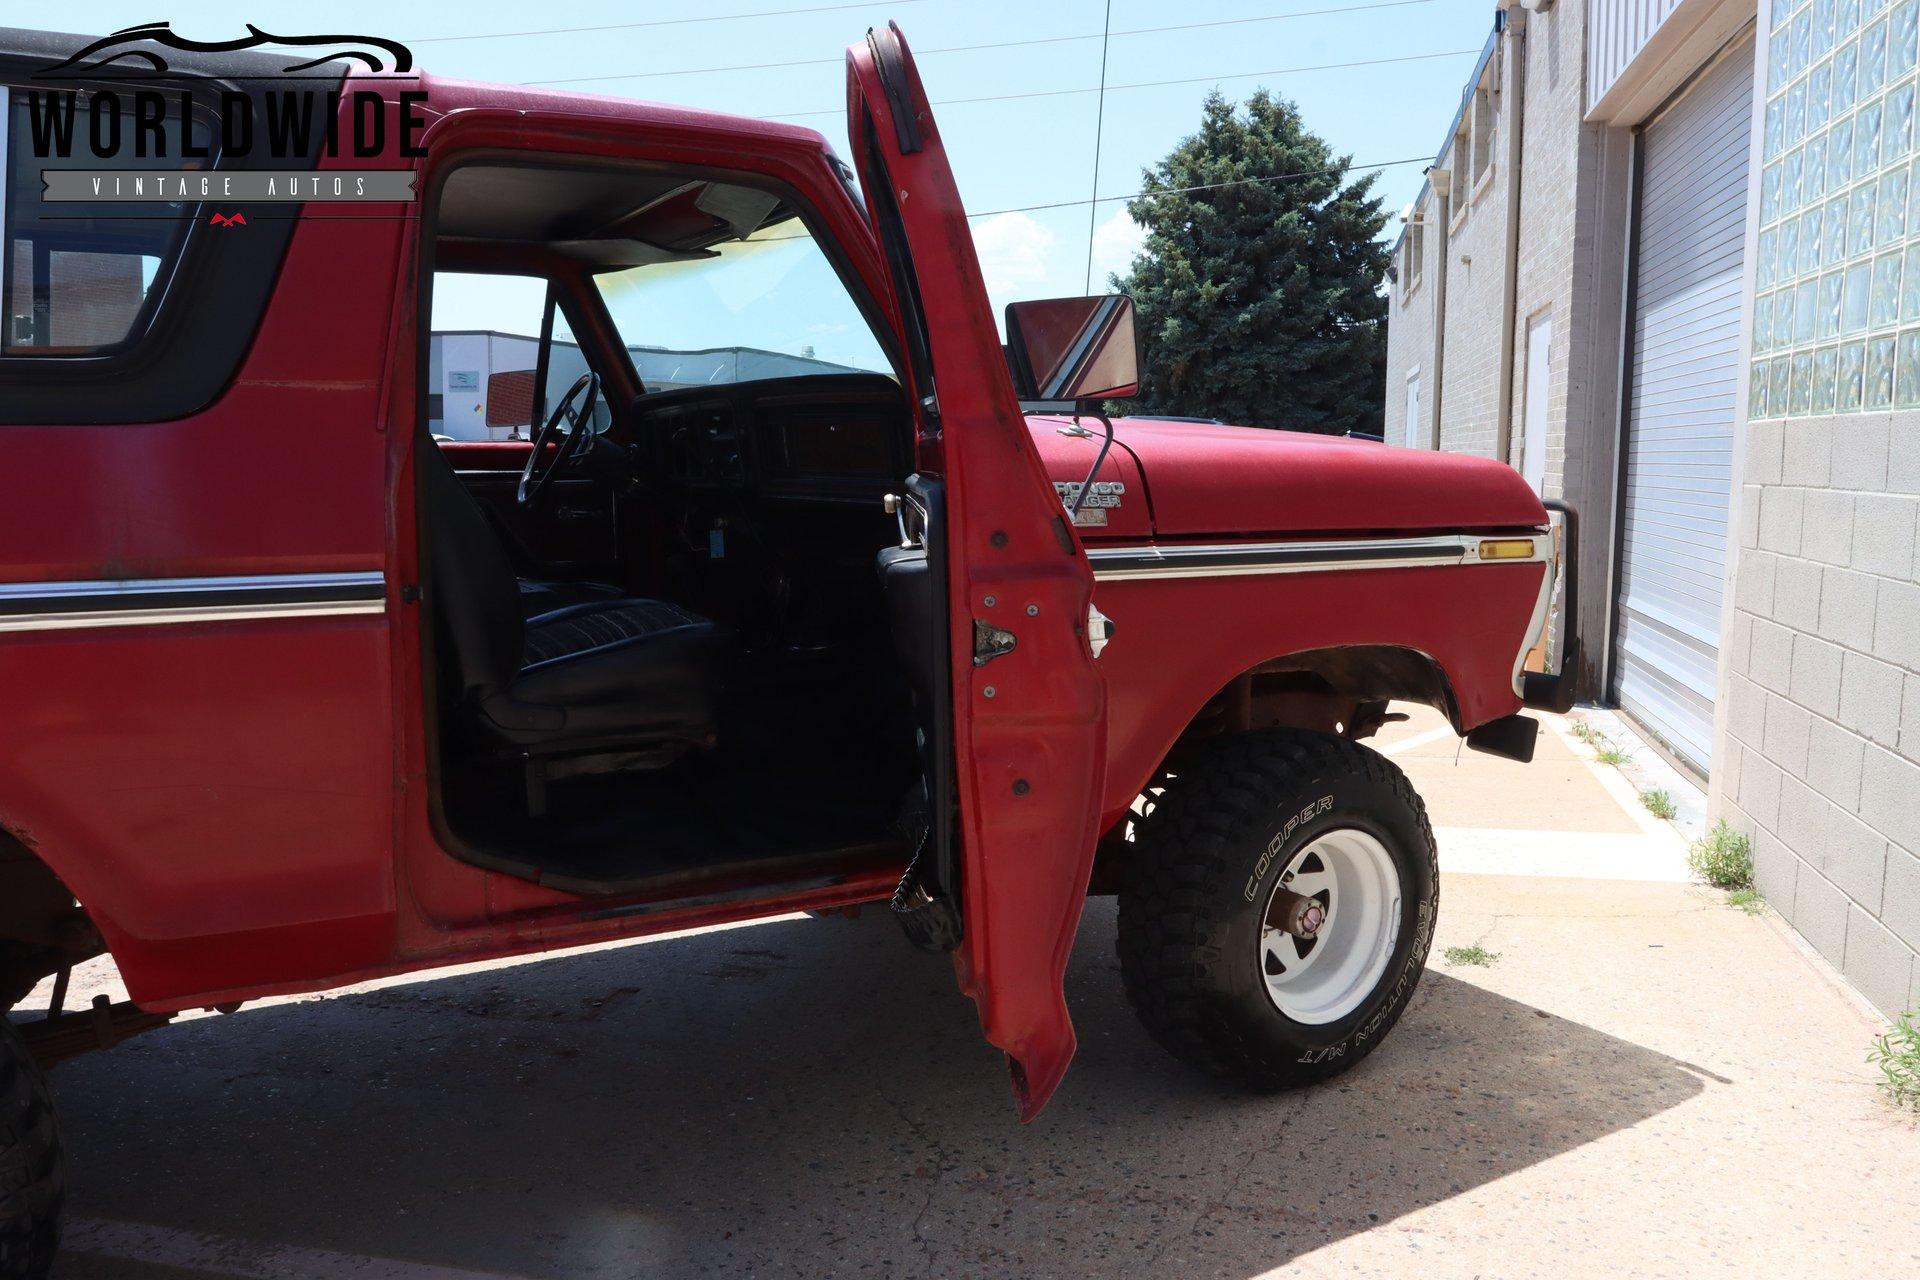 1979 Ford Bronco XLT Ranger